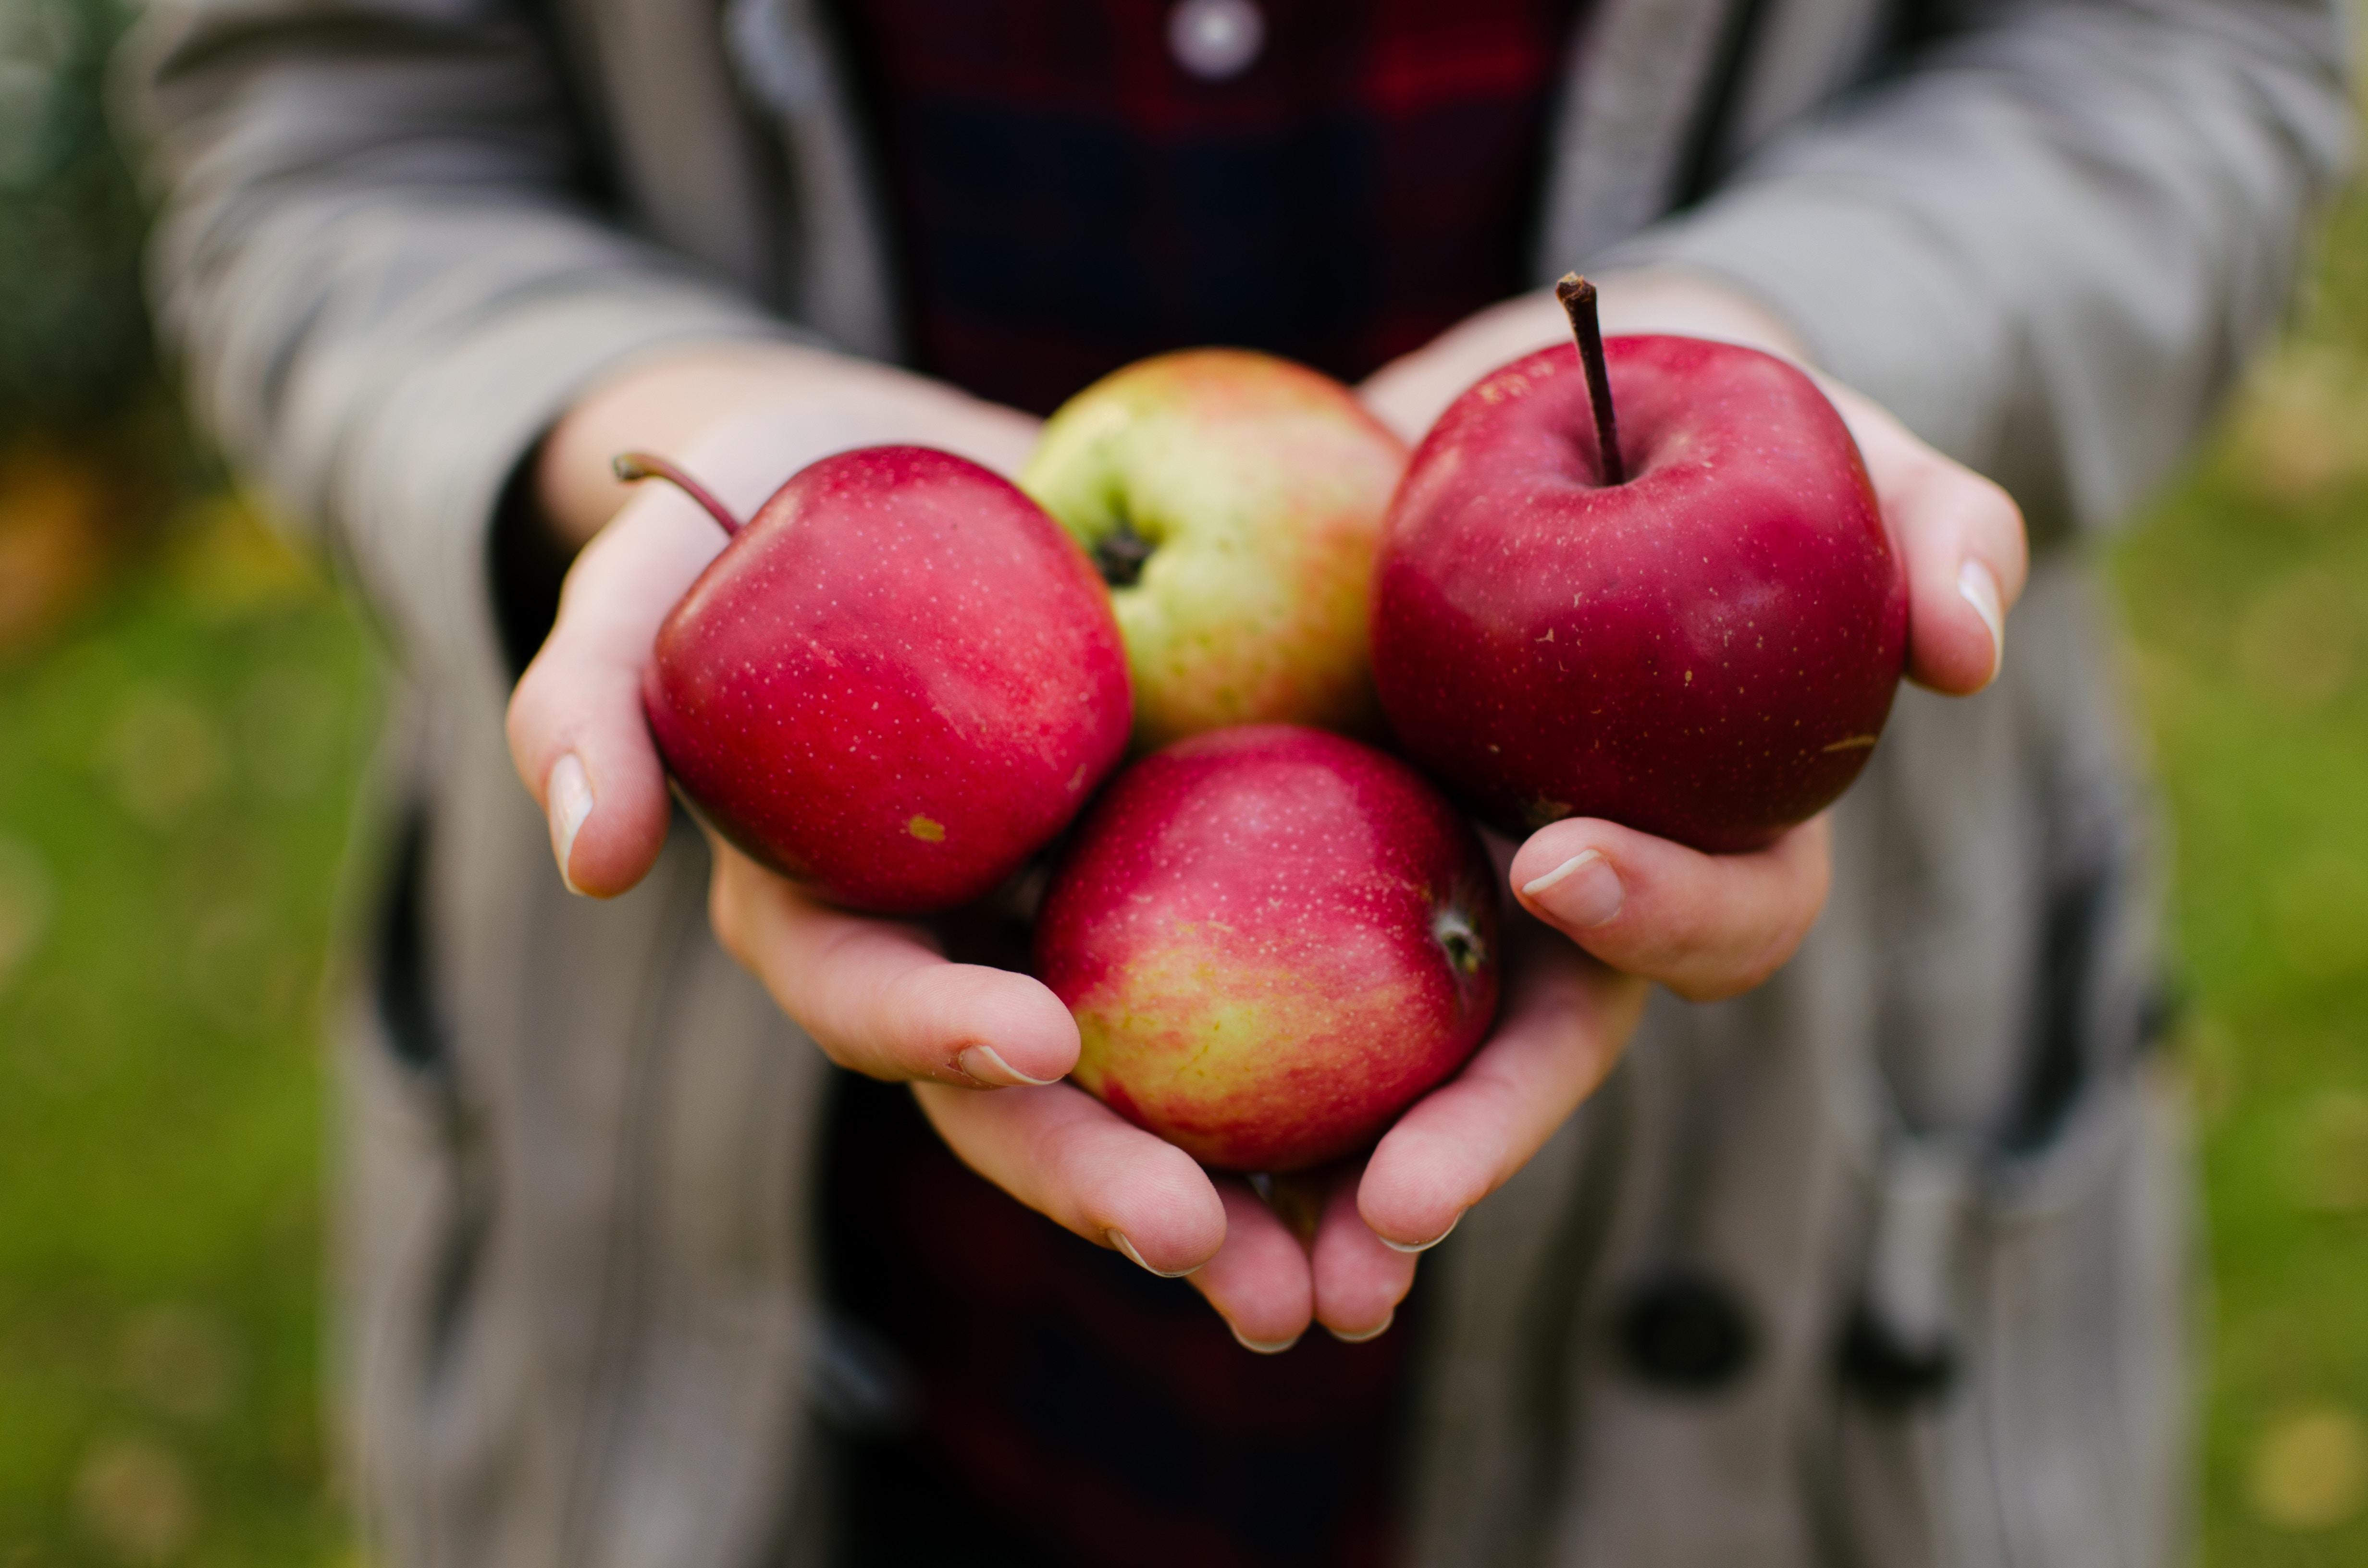 che cosè una buona dieta sana?